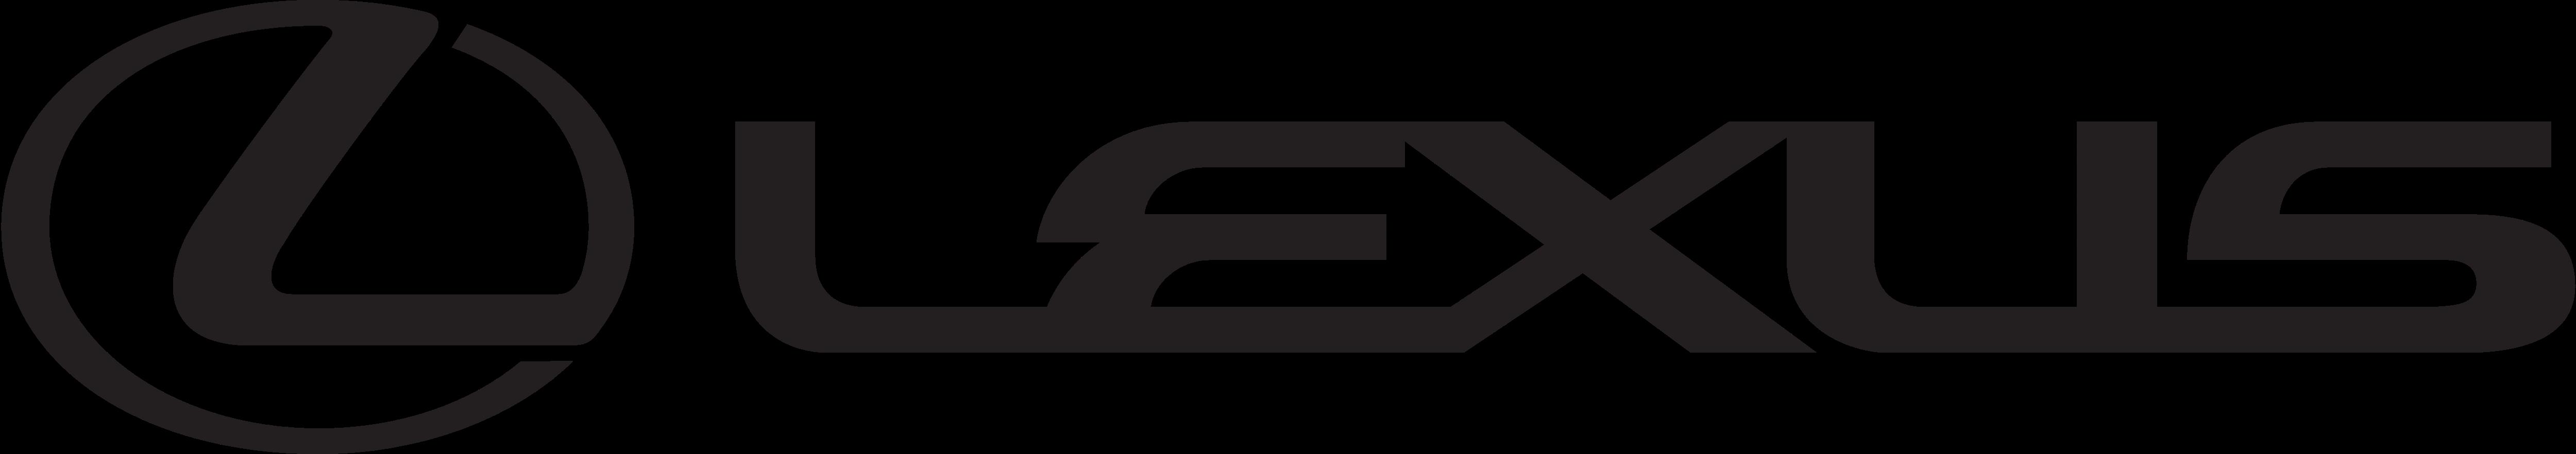 Lexus Logos Download